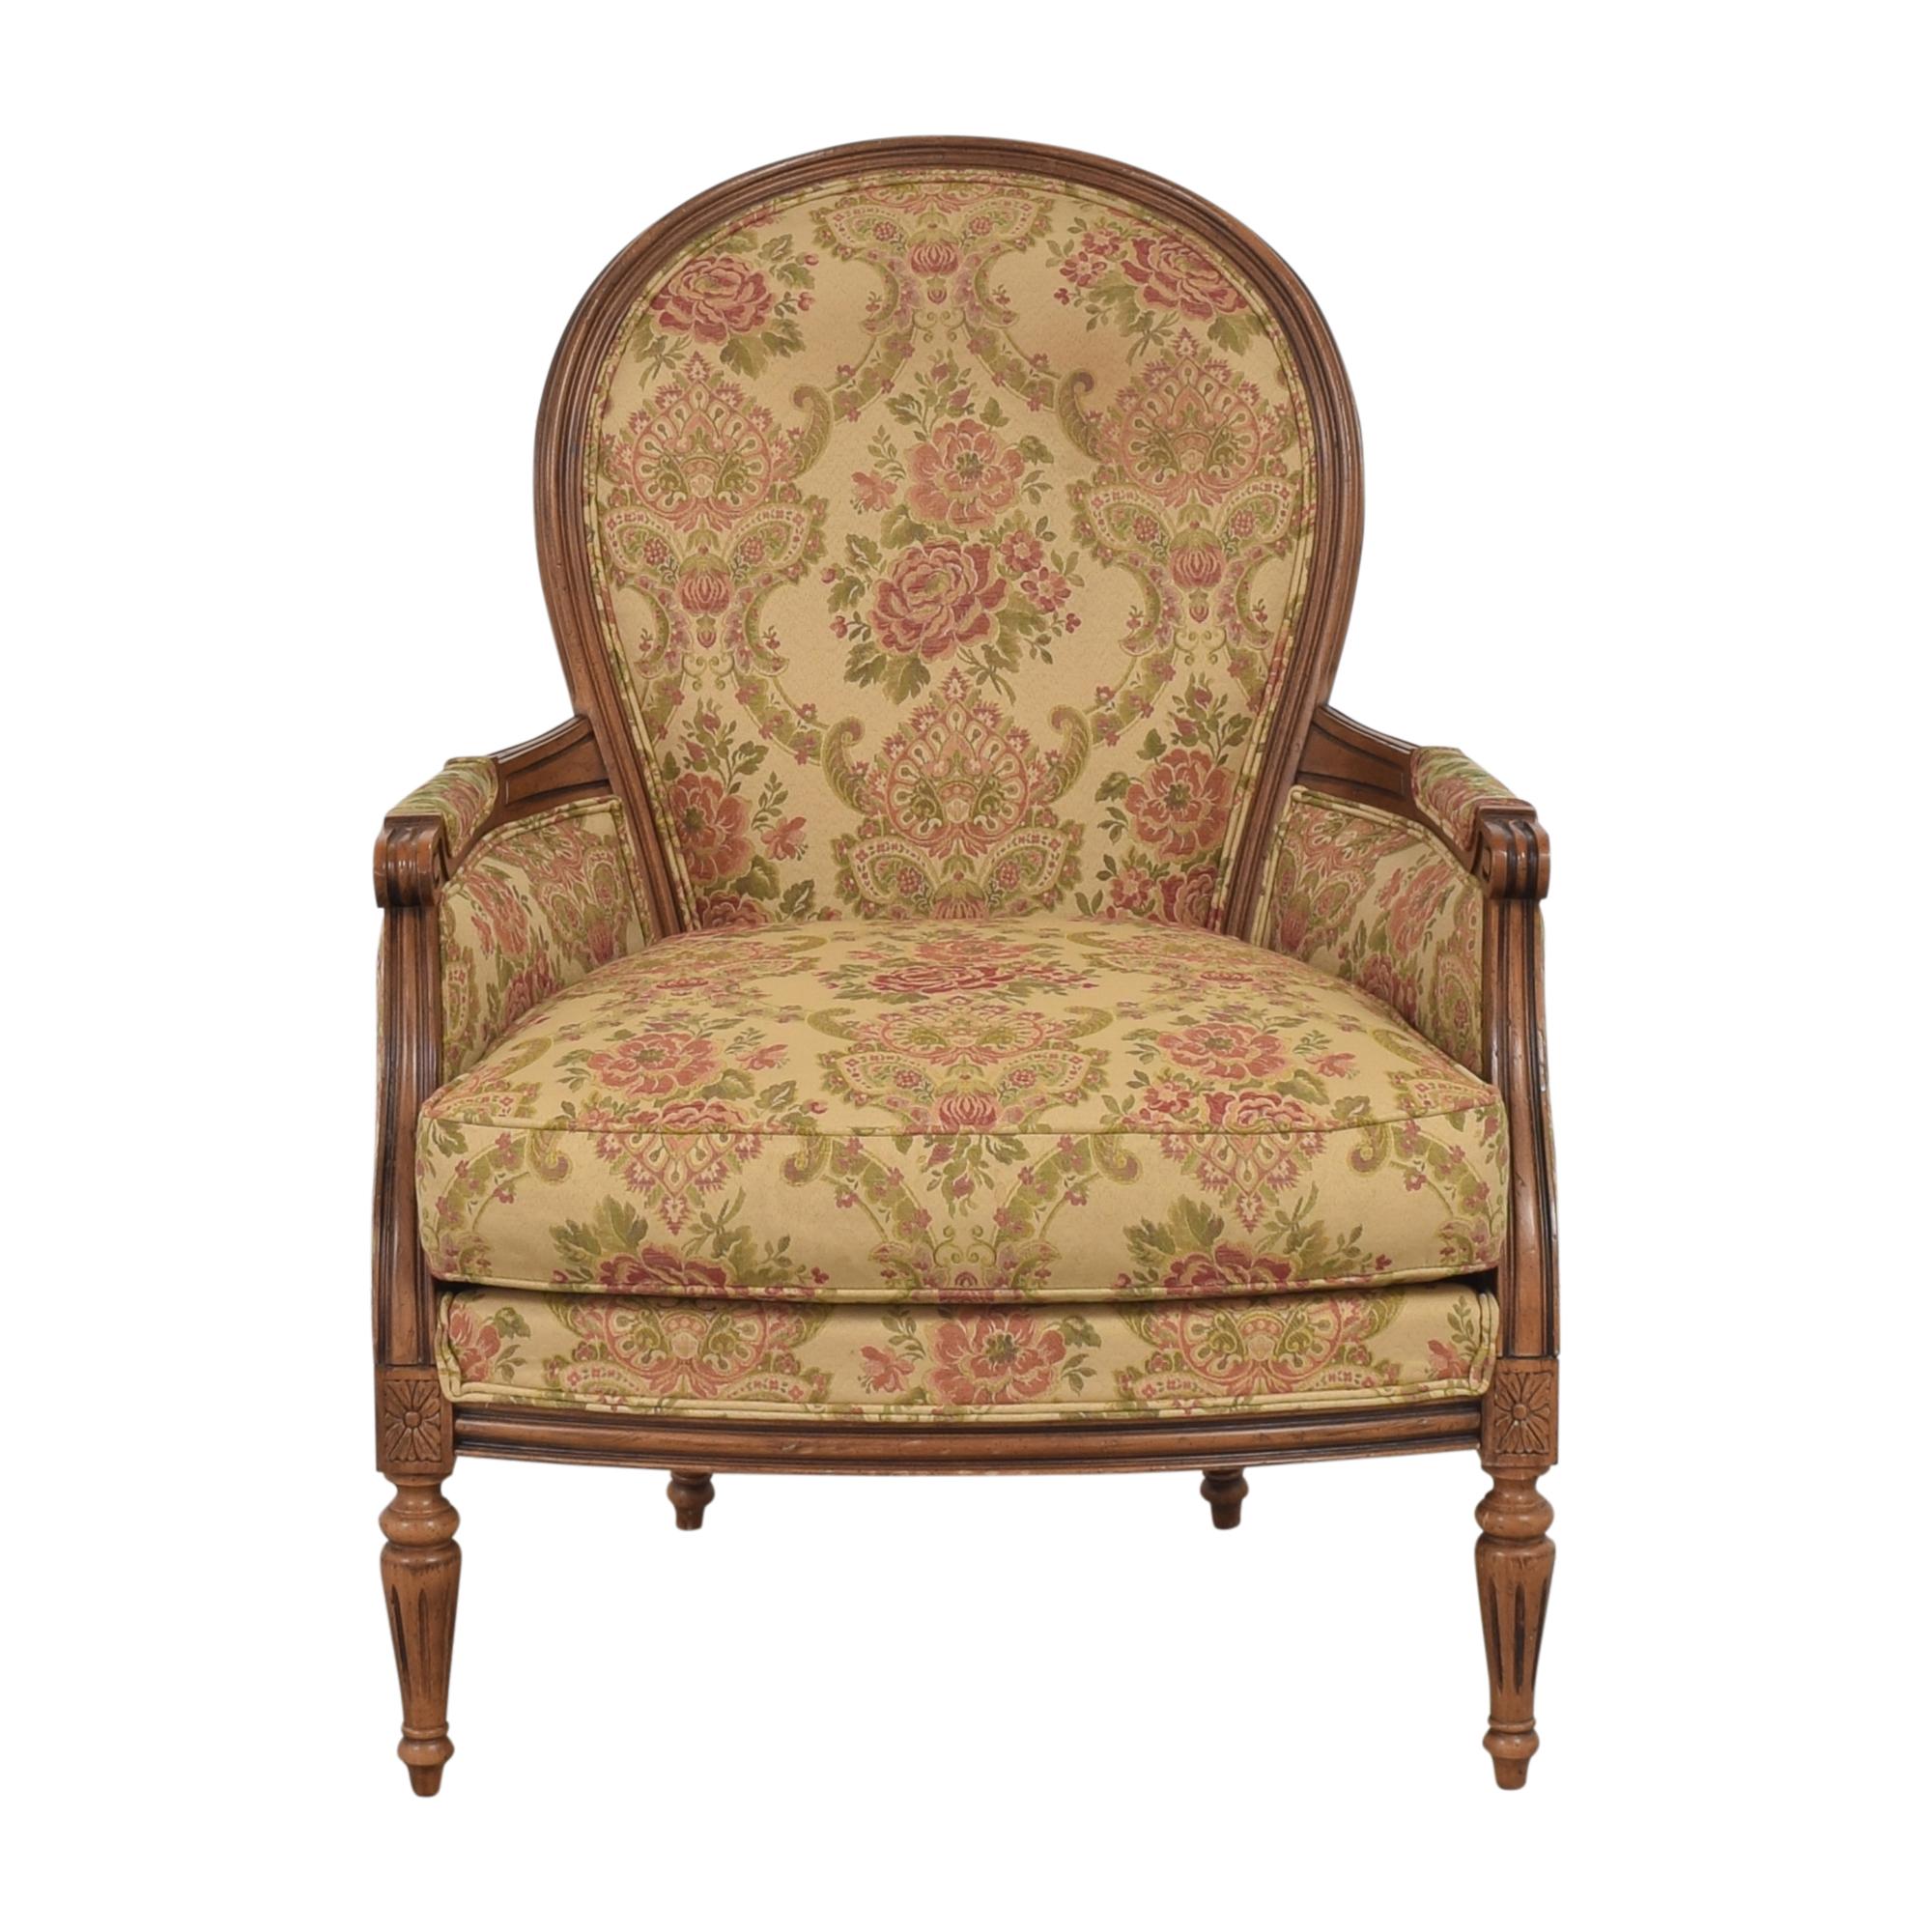 Ethan Allen Ethan Allen Suzette Accent Chair coupon